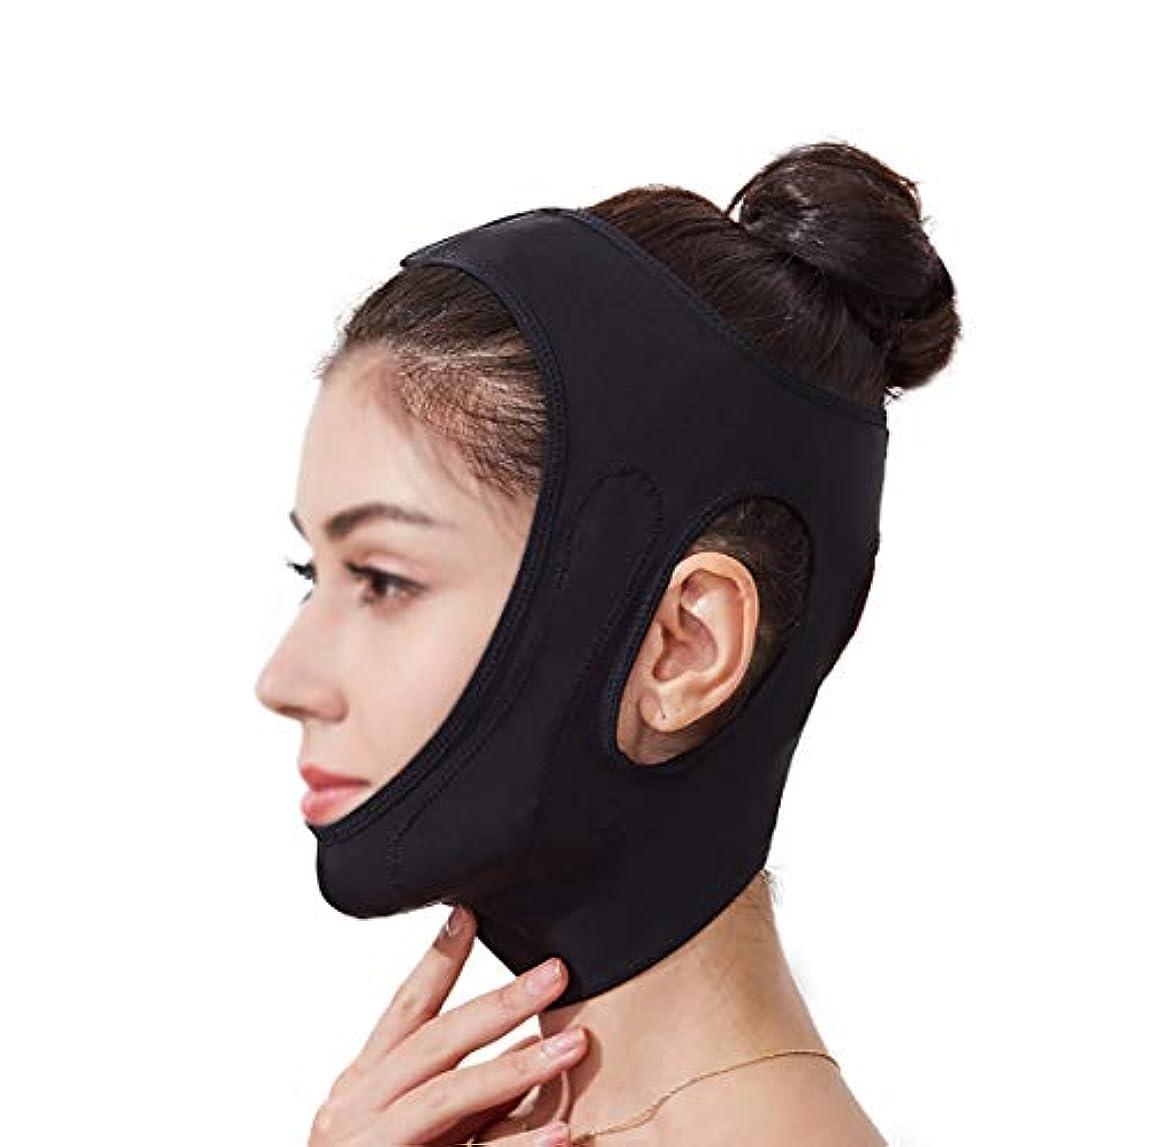 ダッシュ落ち込んでいる形フェイスリフティングマスク、360°オールラウンドリフティングフェイシャル輪郭、あごを閉じて肌を引き締め、快適でフェイスライトをサポートし、通気性 (Size : Black)